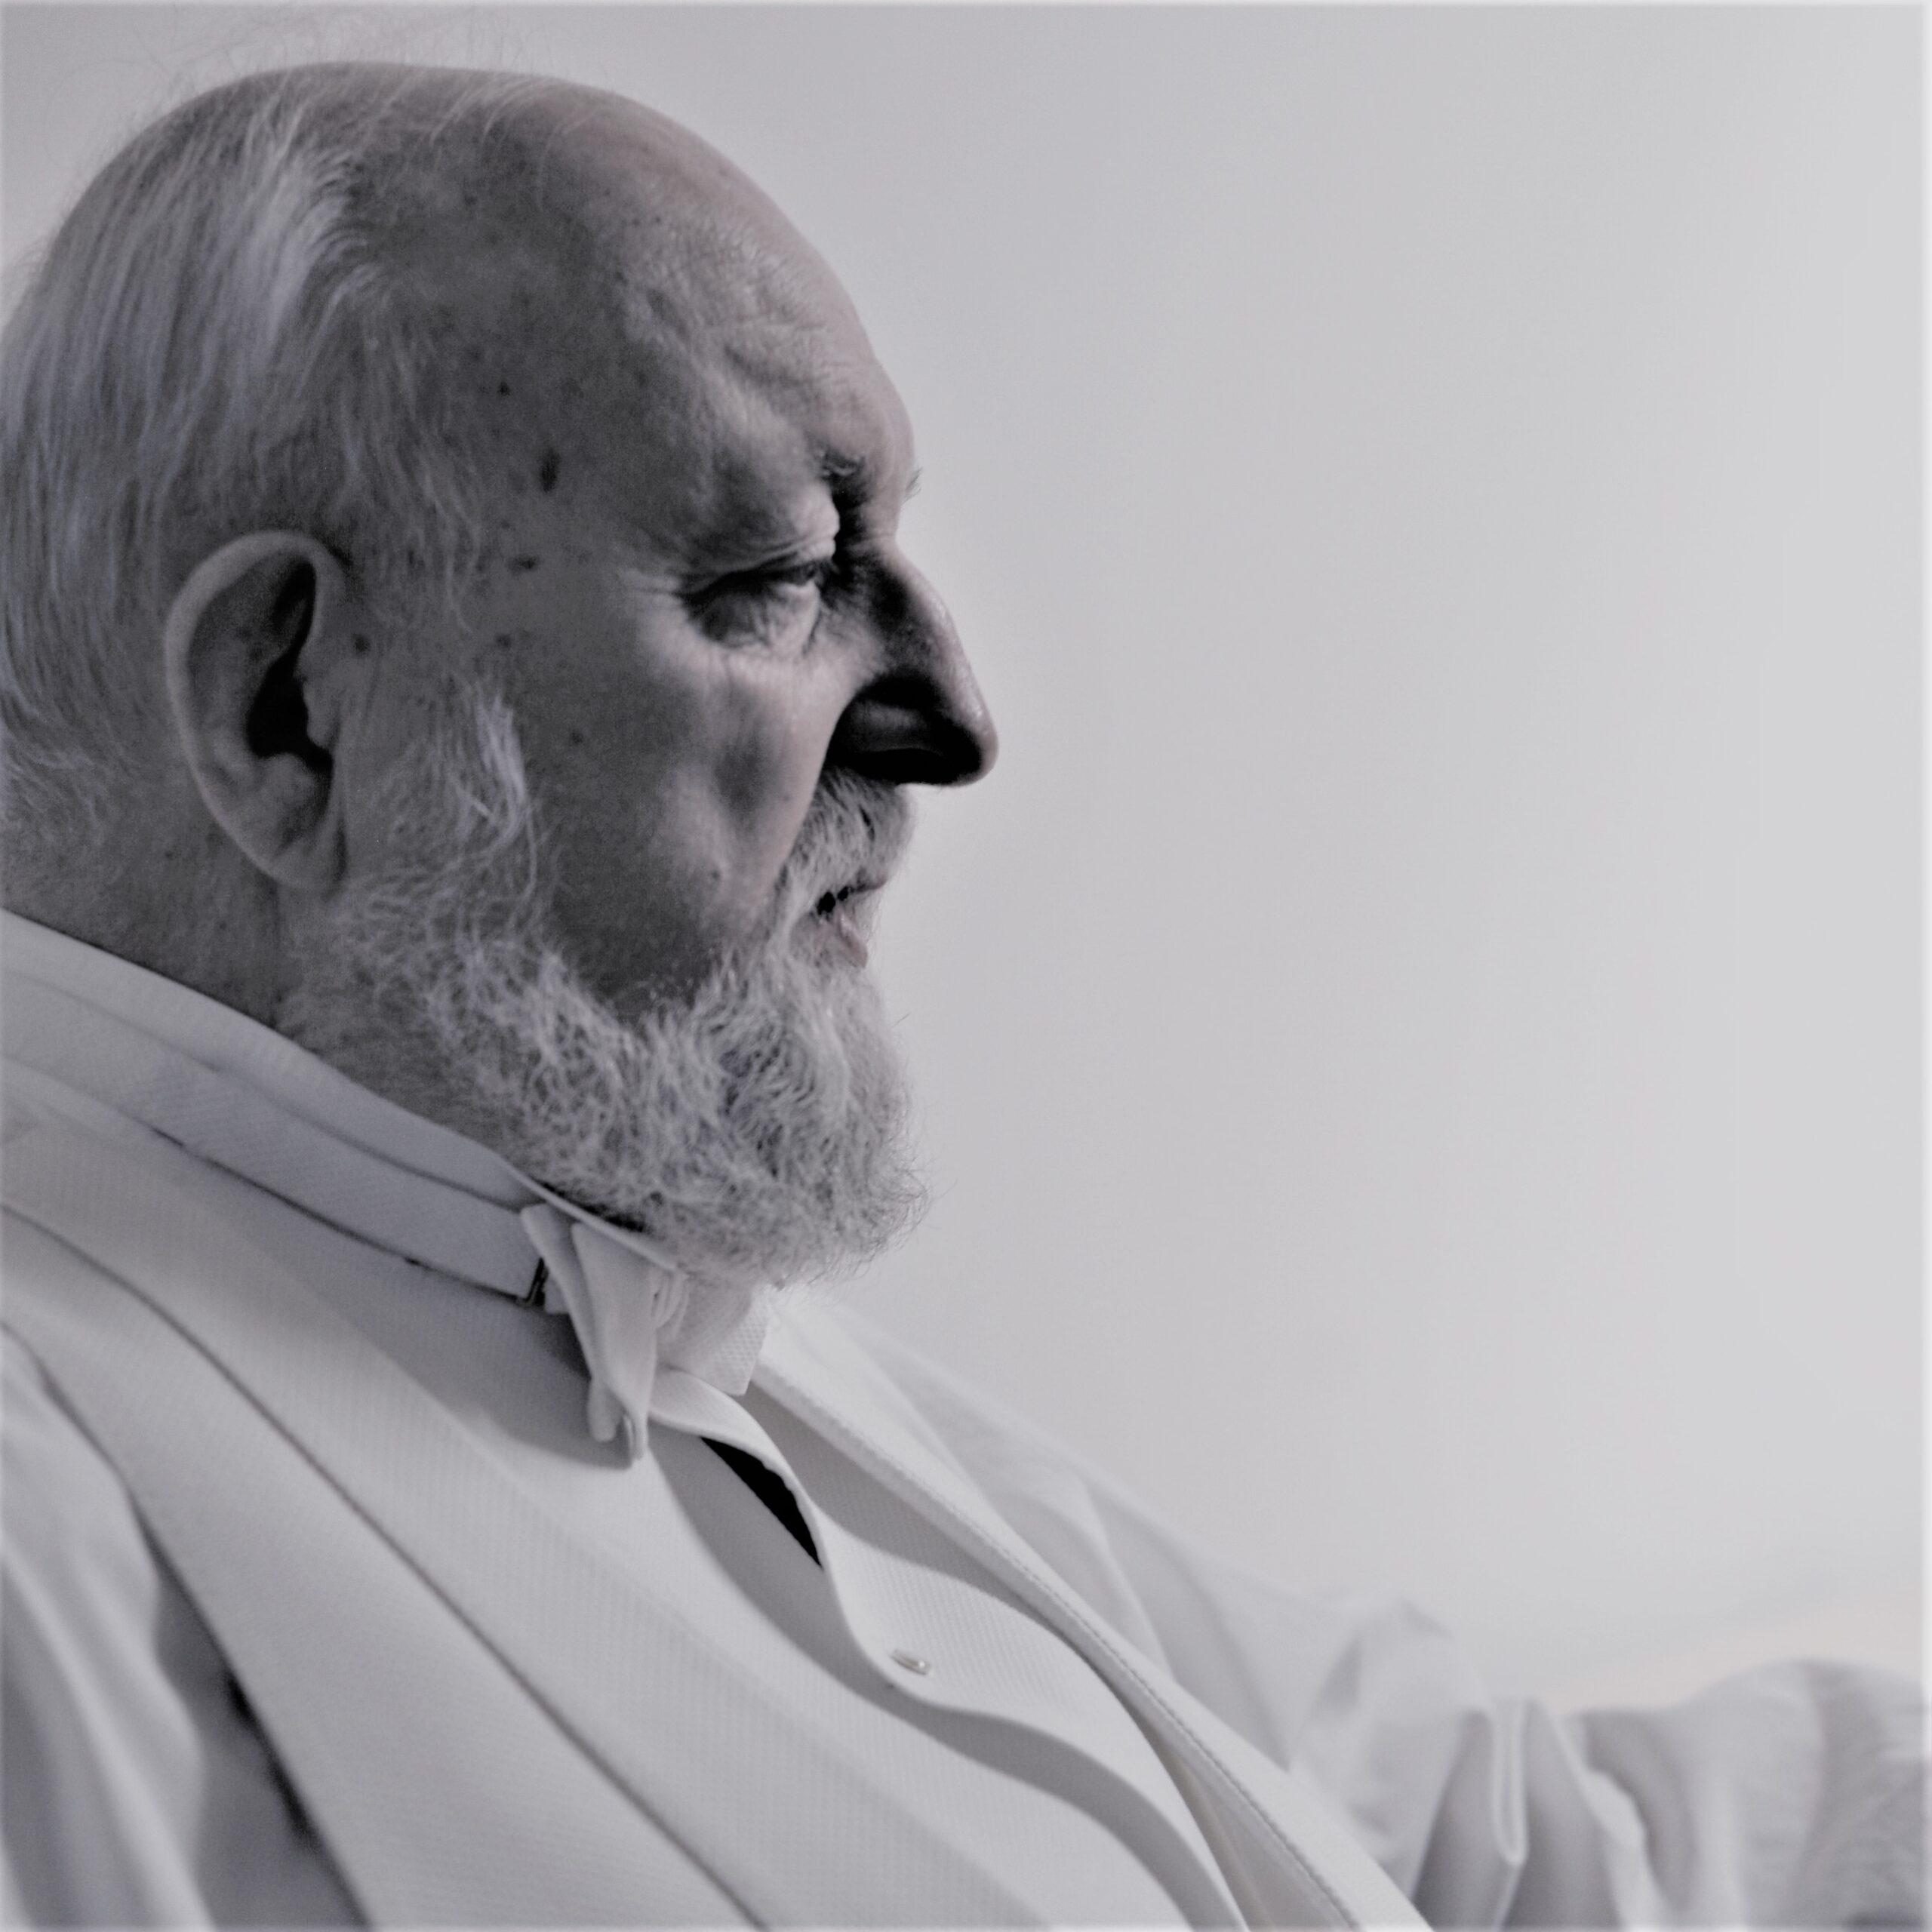 Krzysztof Penderecki zbliżenie na twarz